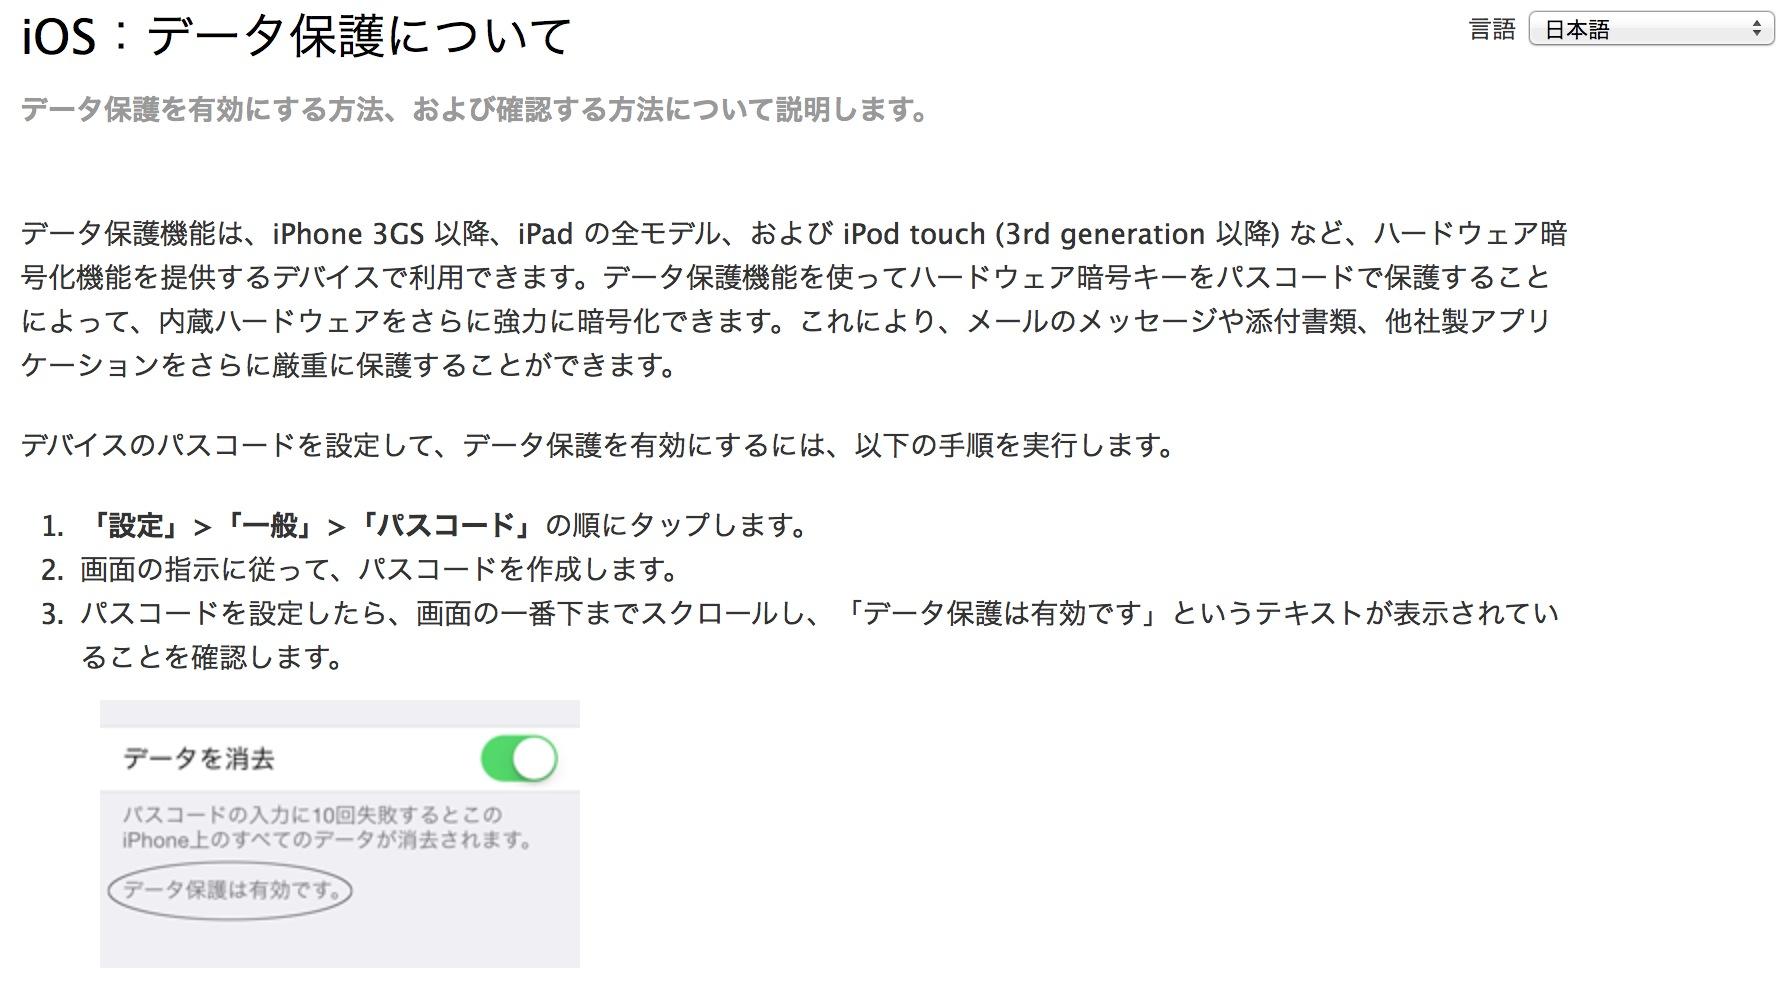 Apple、「iOS 7」でメールの添付ファイルが暗号化されてない問題で修正に取り組んでいると語る